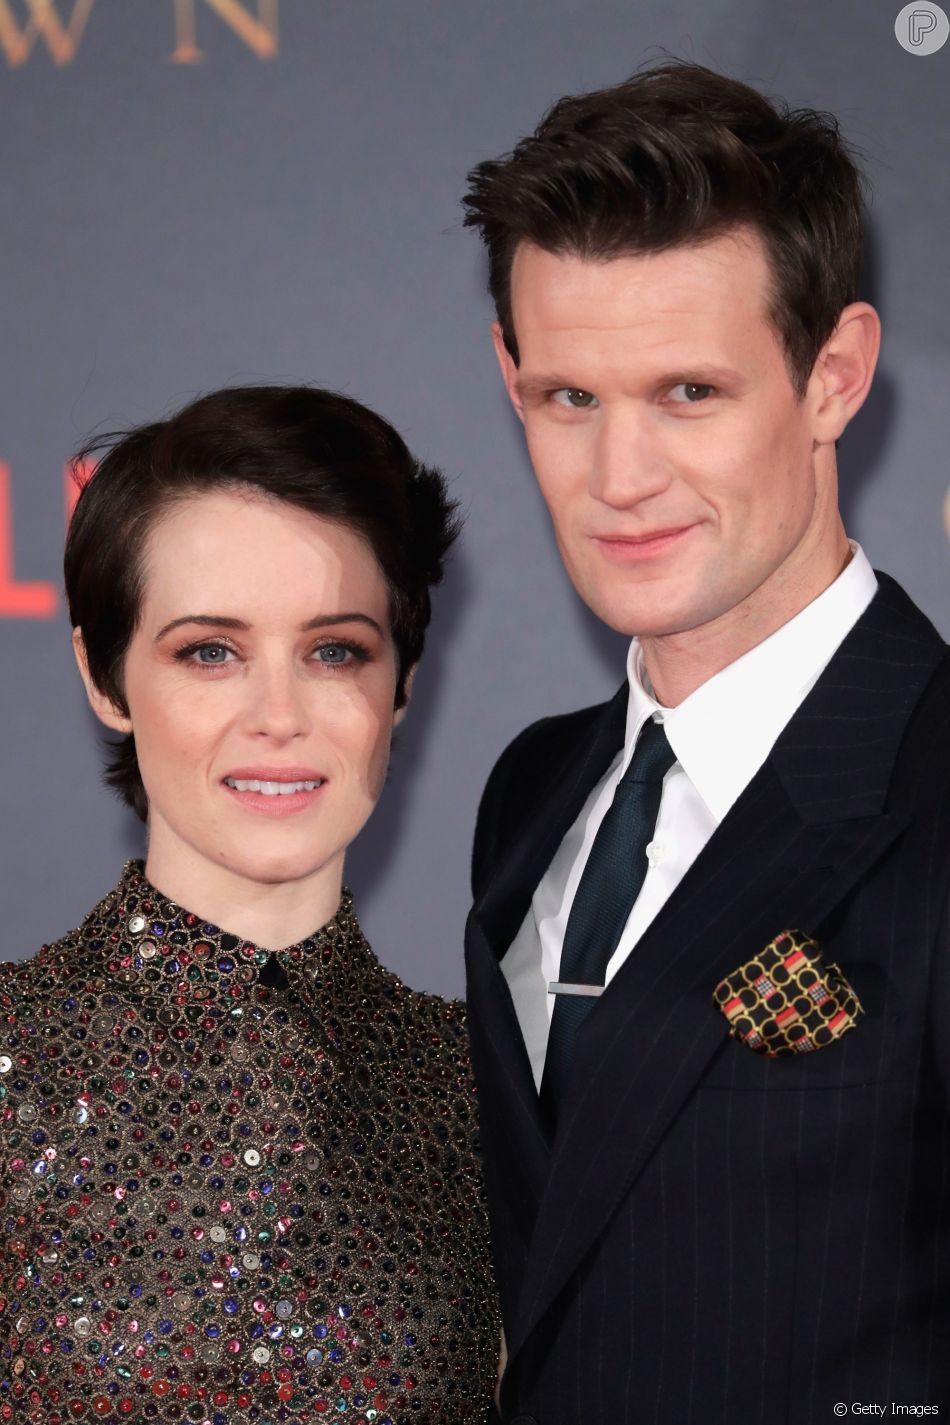 Rainha em 'The Crown', Claire Foy tinha salário menor que seu par, como produtores admitiram em conferência nesta terça-feira, dia 13 de março de 2018